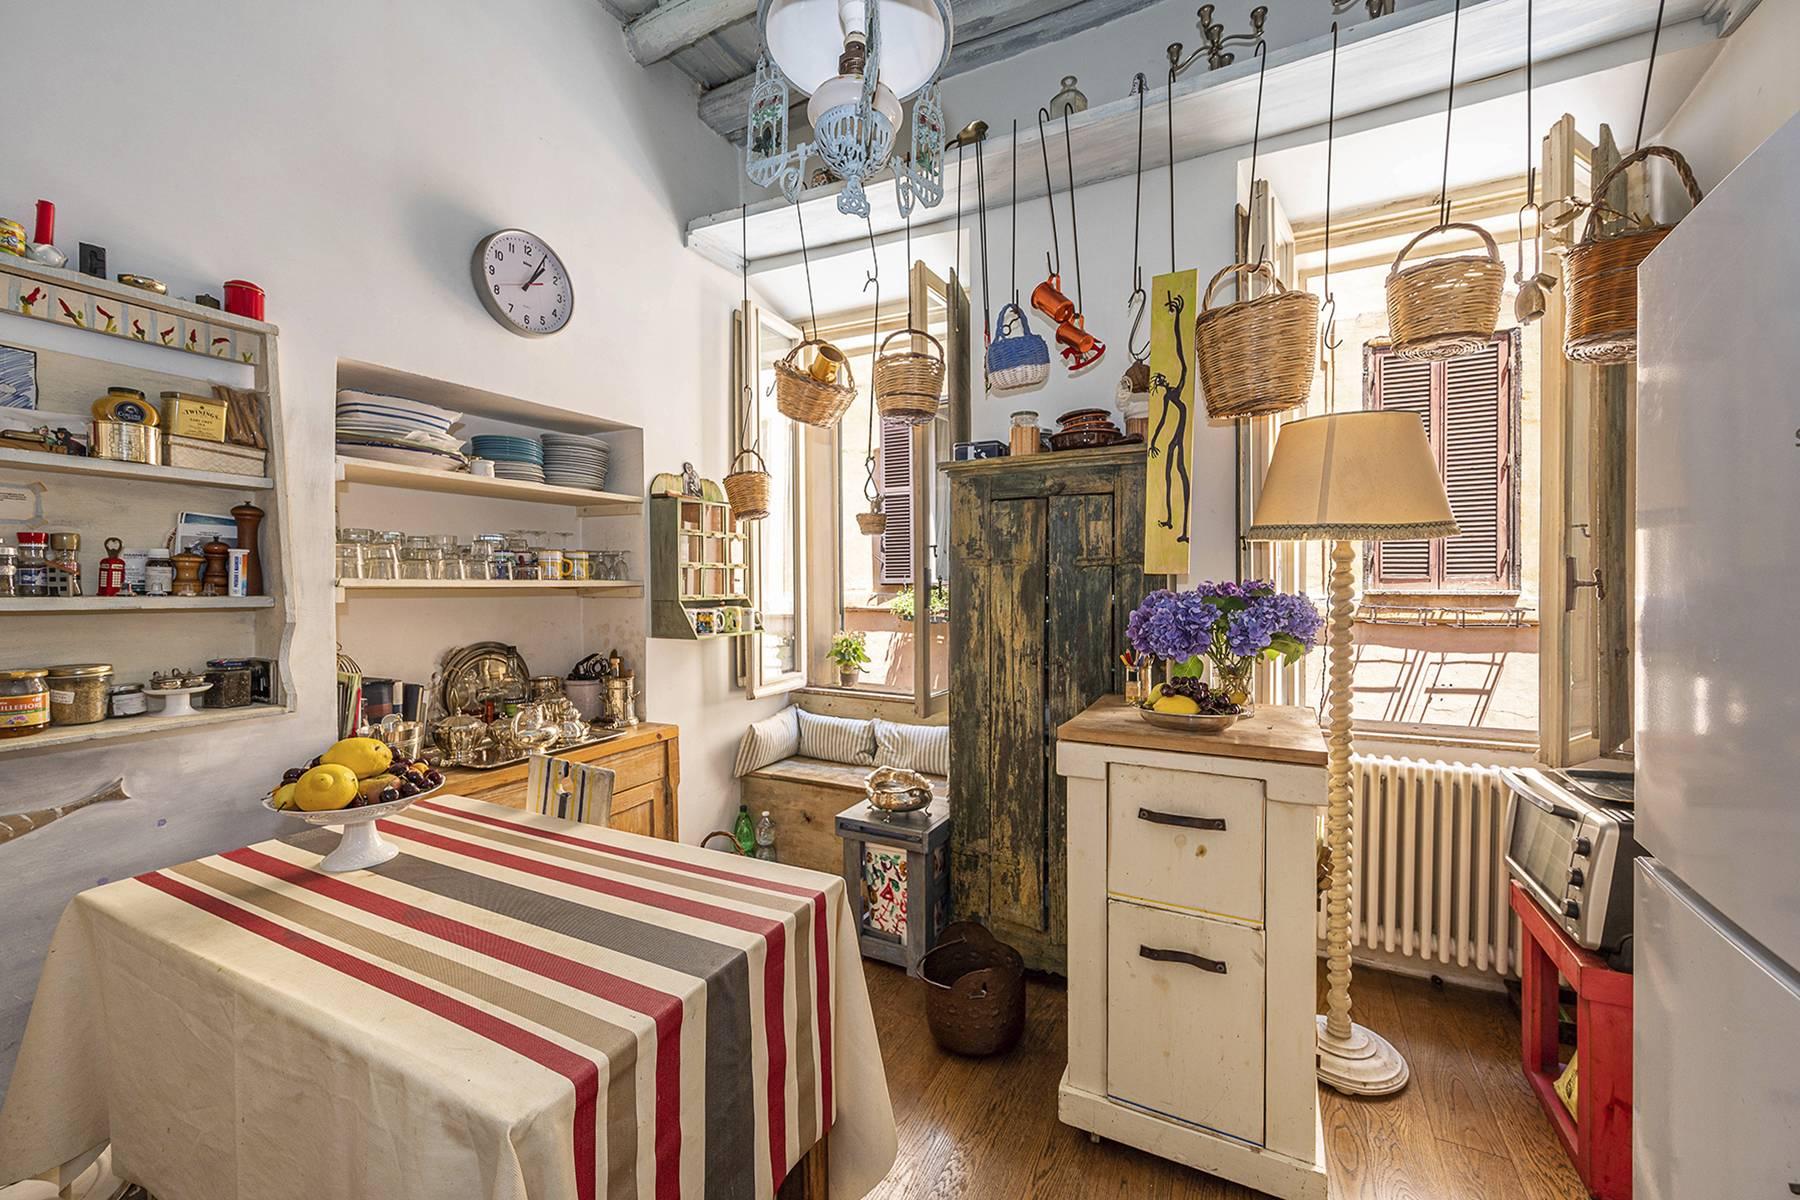 Casa indipendente in Vendita a Roma: 5 locali, 200 mq - Foto 7